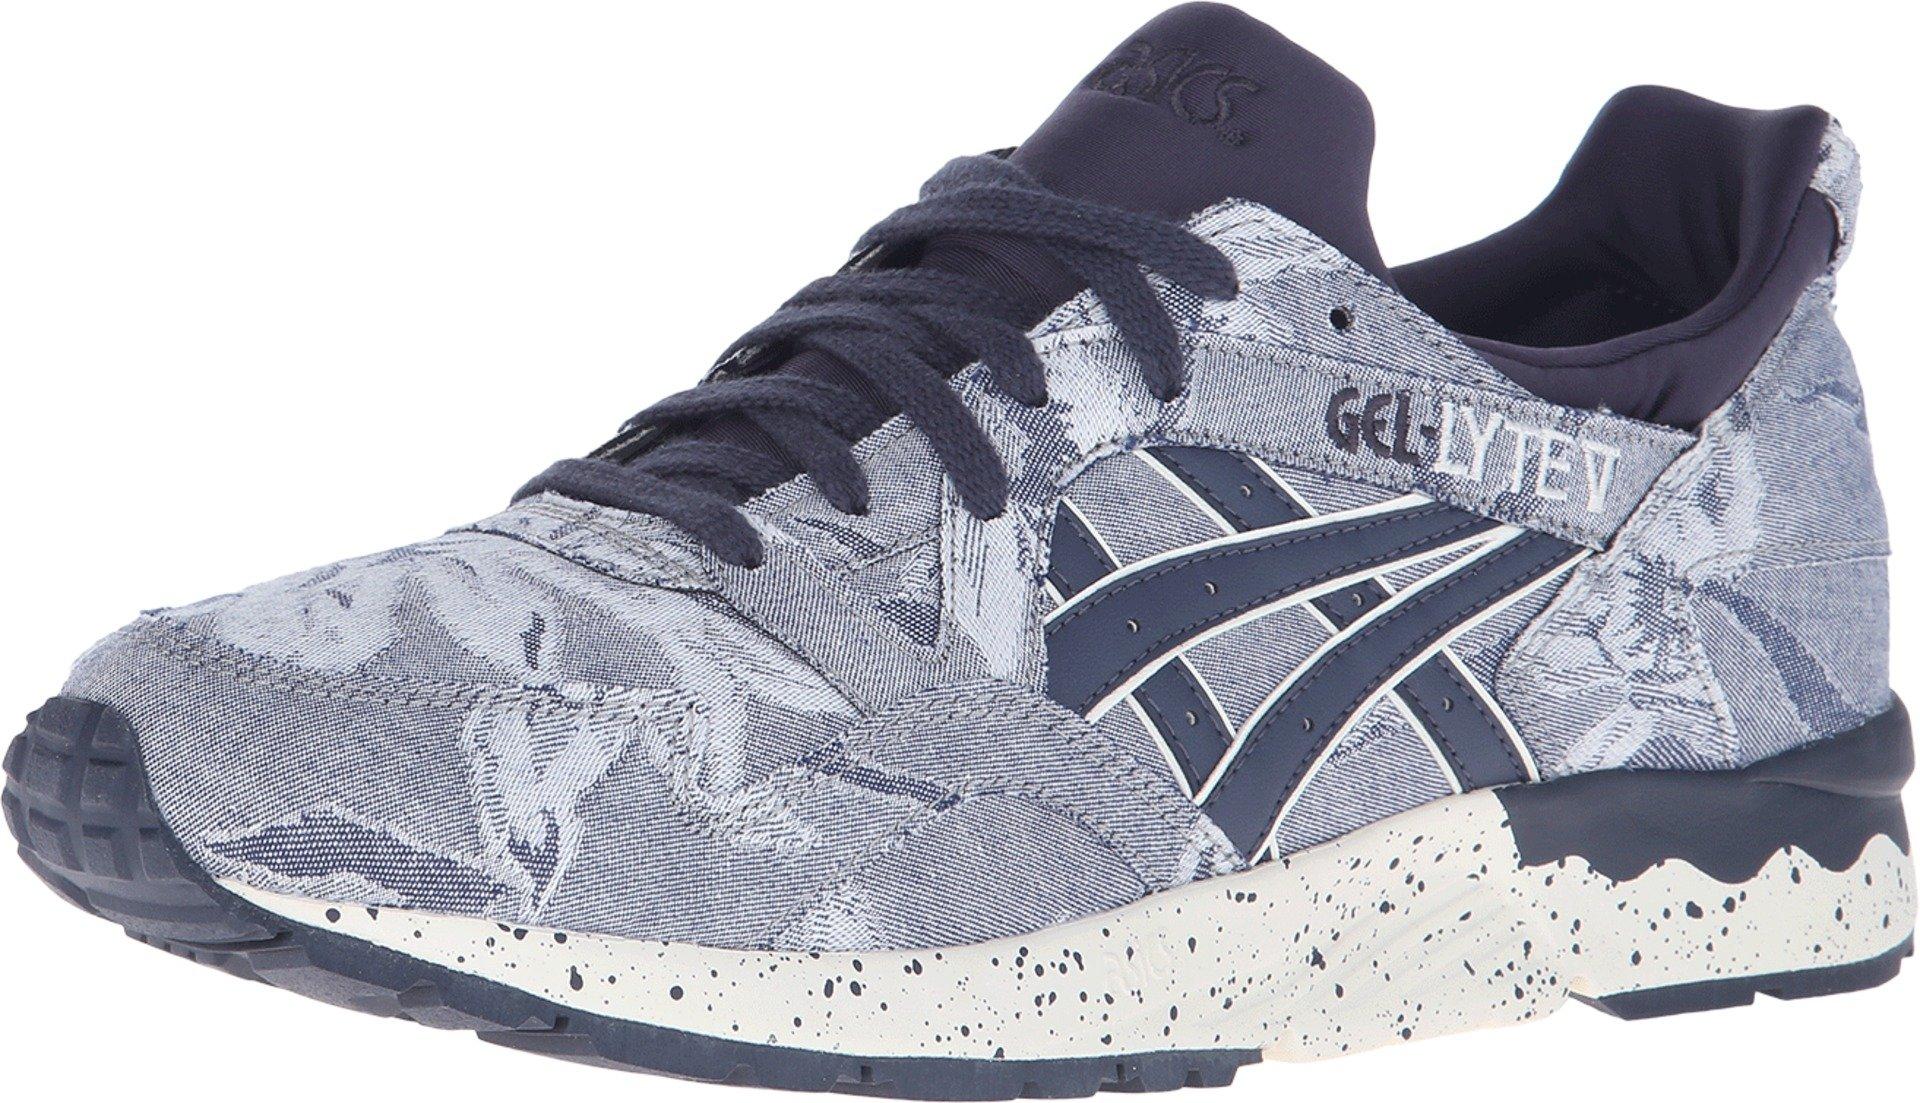 Asics Tiger Men Gel-Lyte V - Japanese Textile (navy / indian ink) Size 5.5 US by ASICS